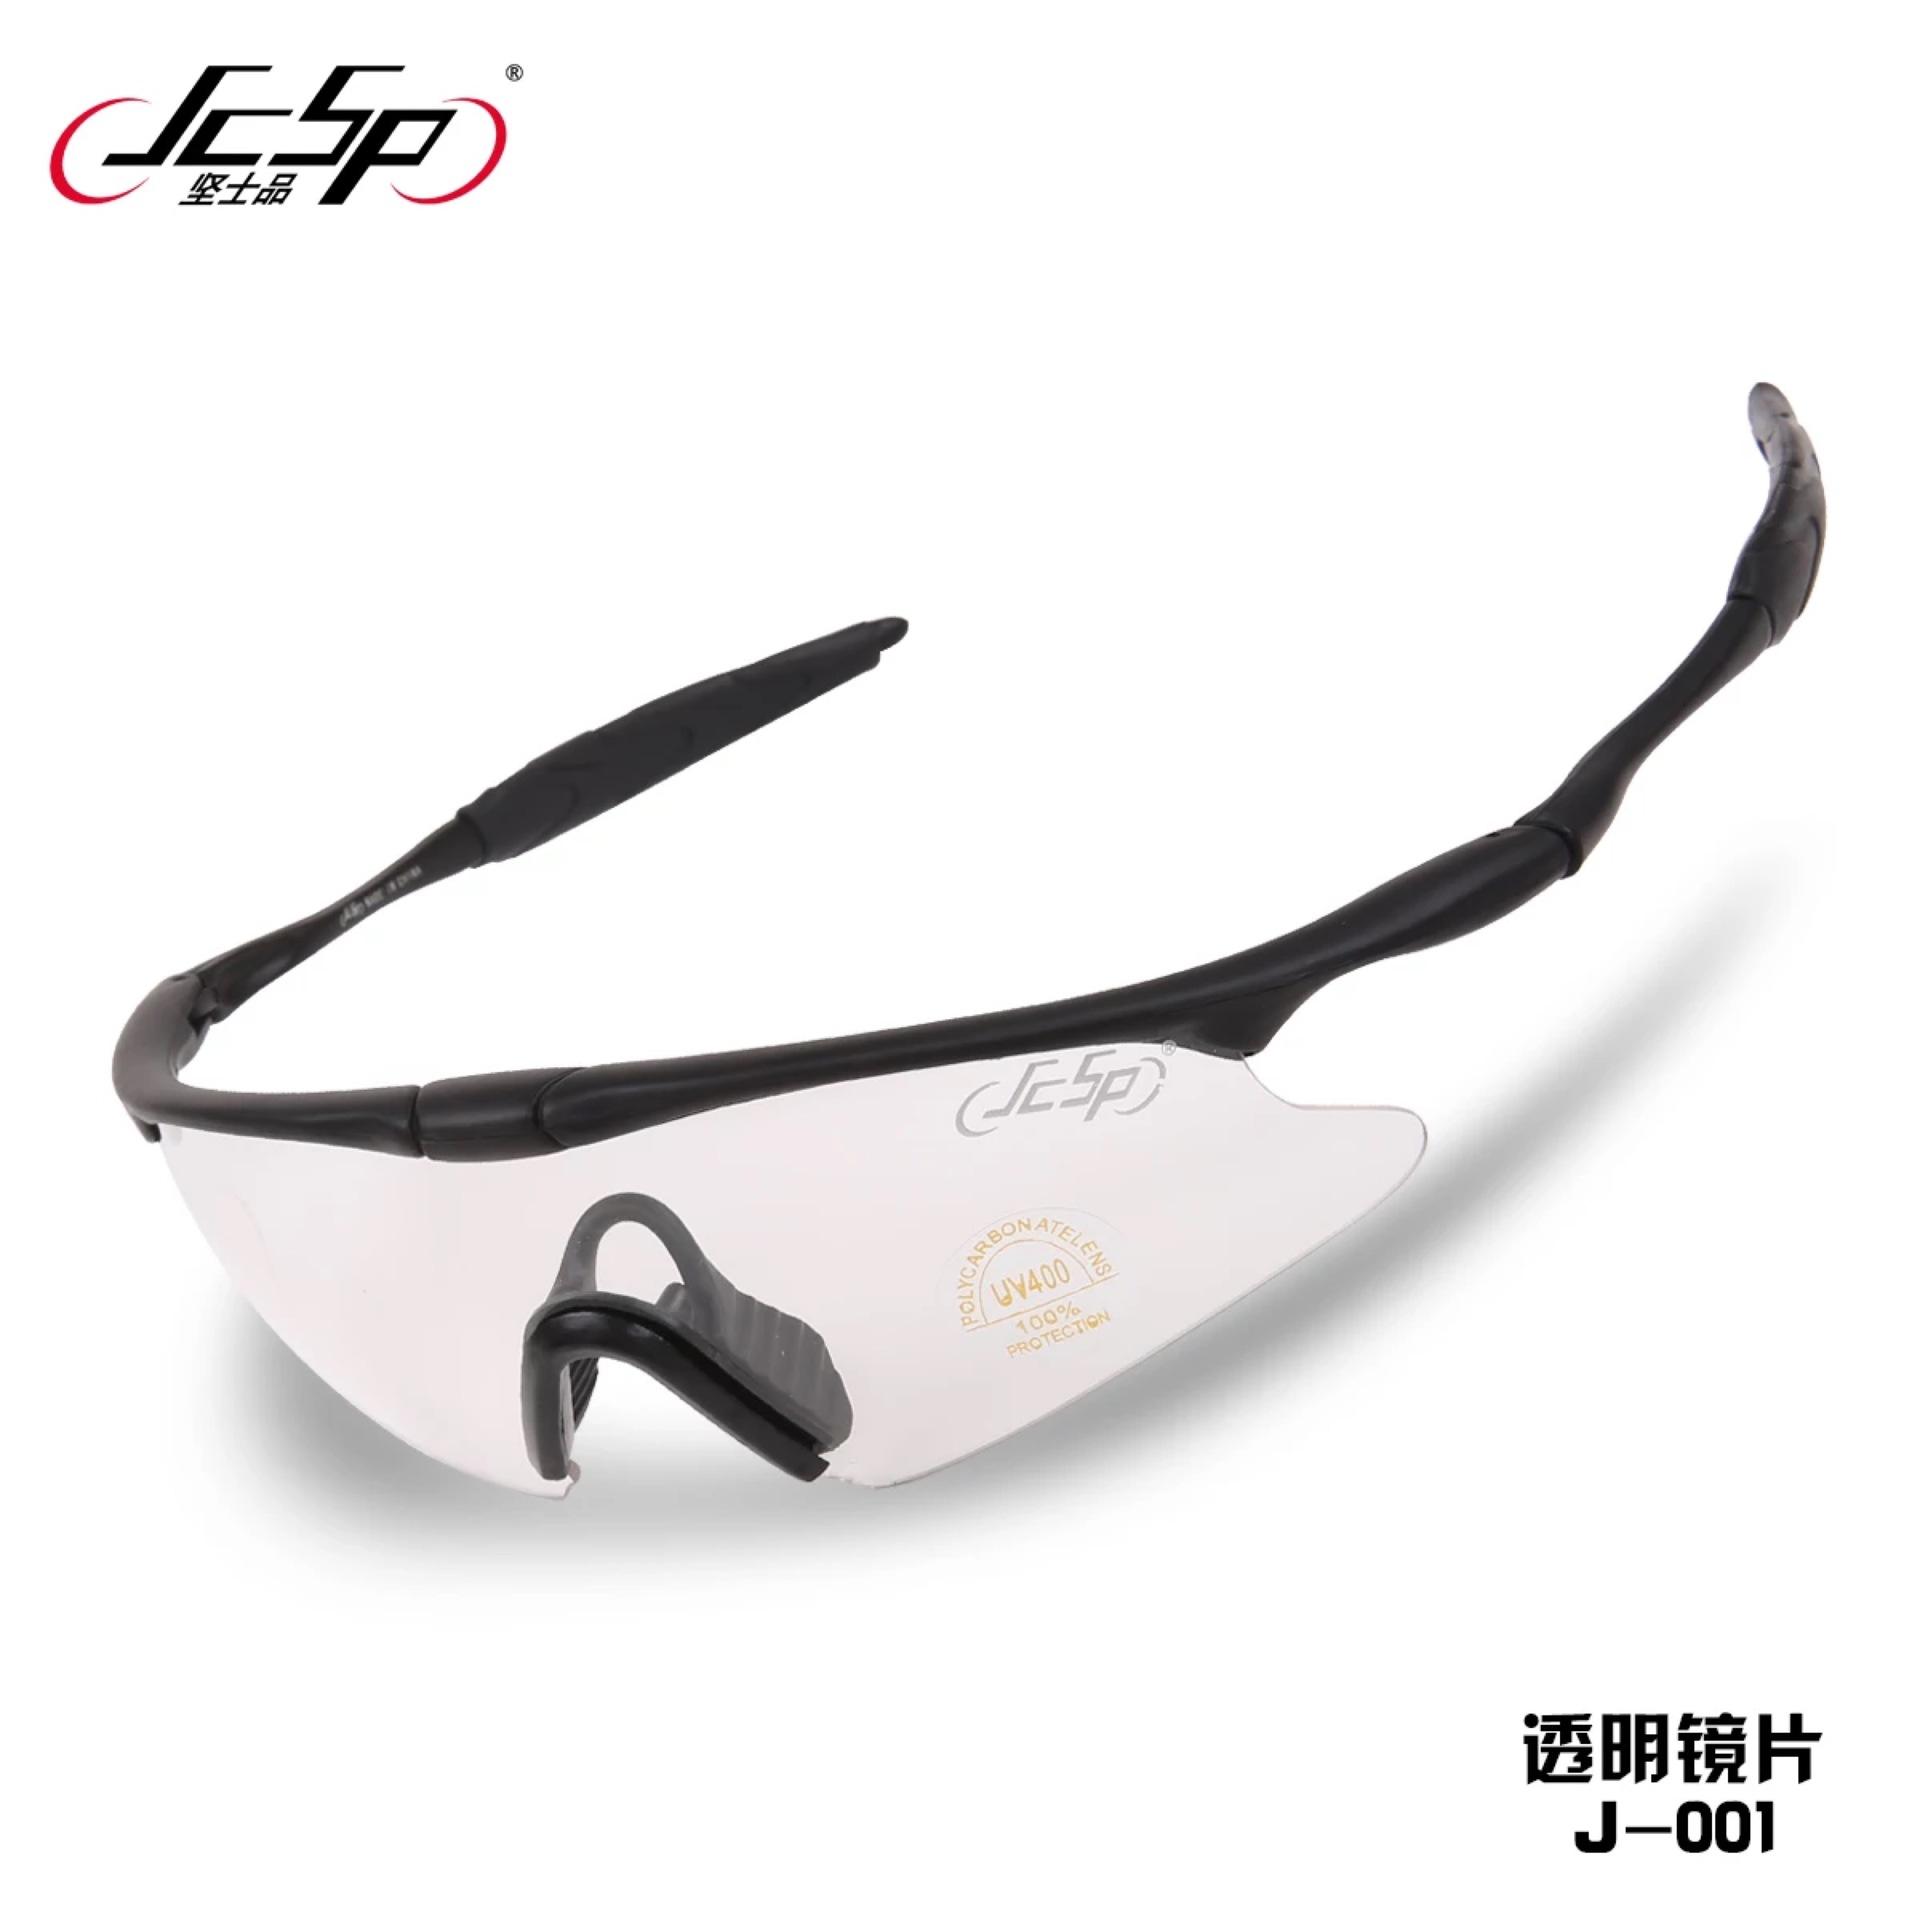 电动摩托车防风镜骑行眼镜单车眼镜运动防尘镜自行车眼镜骑行装备